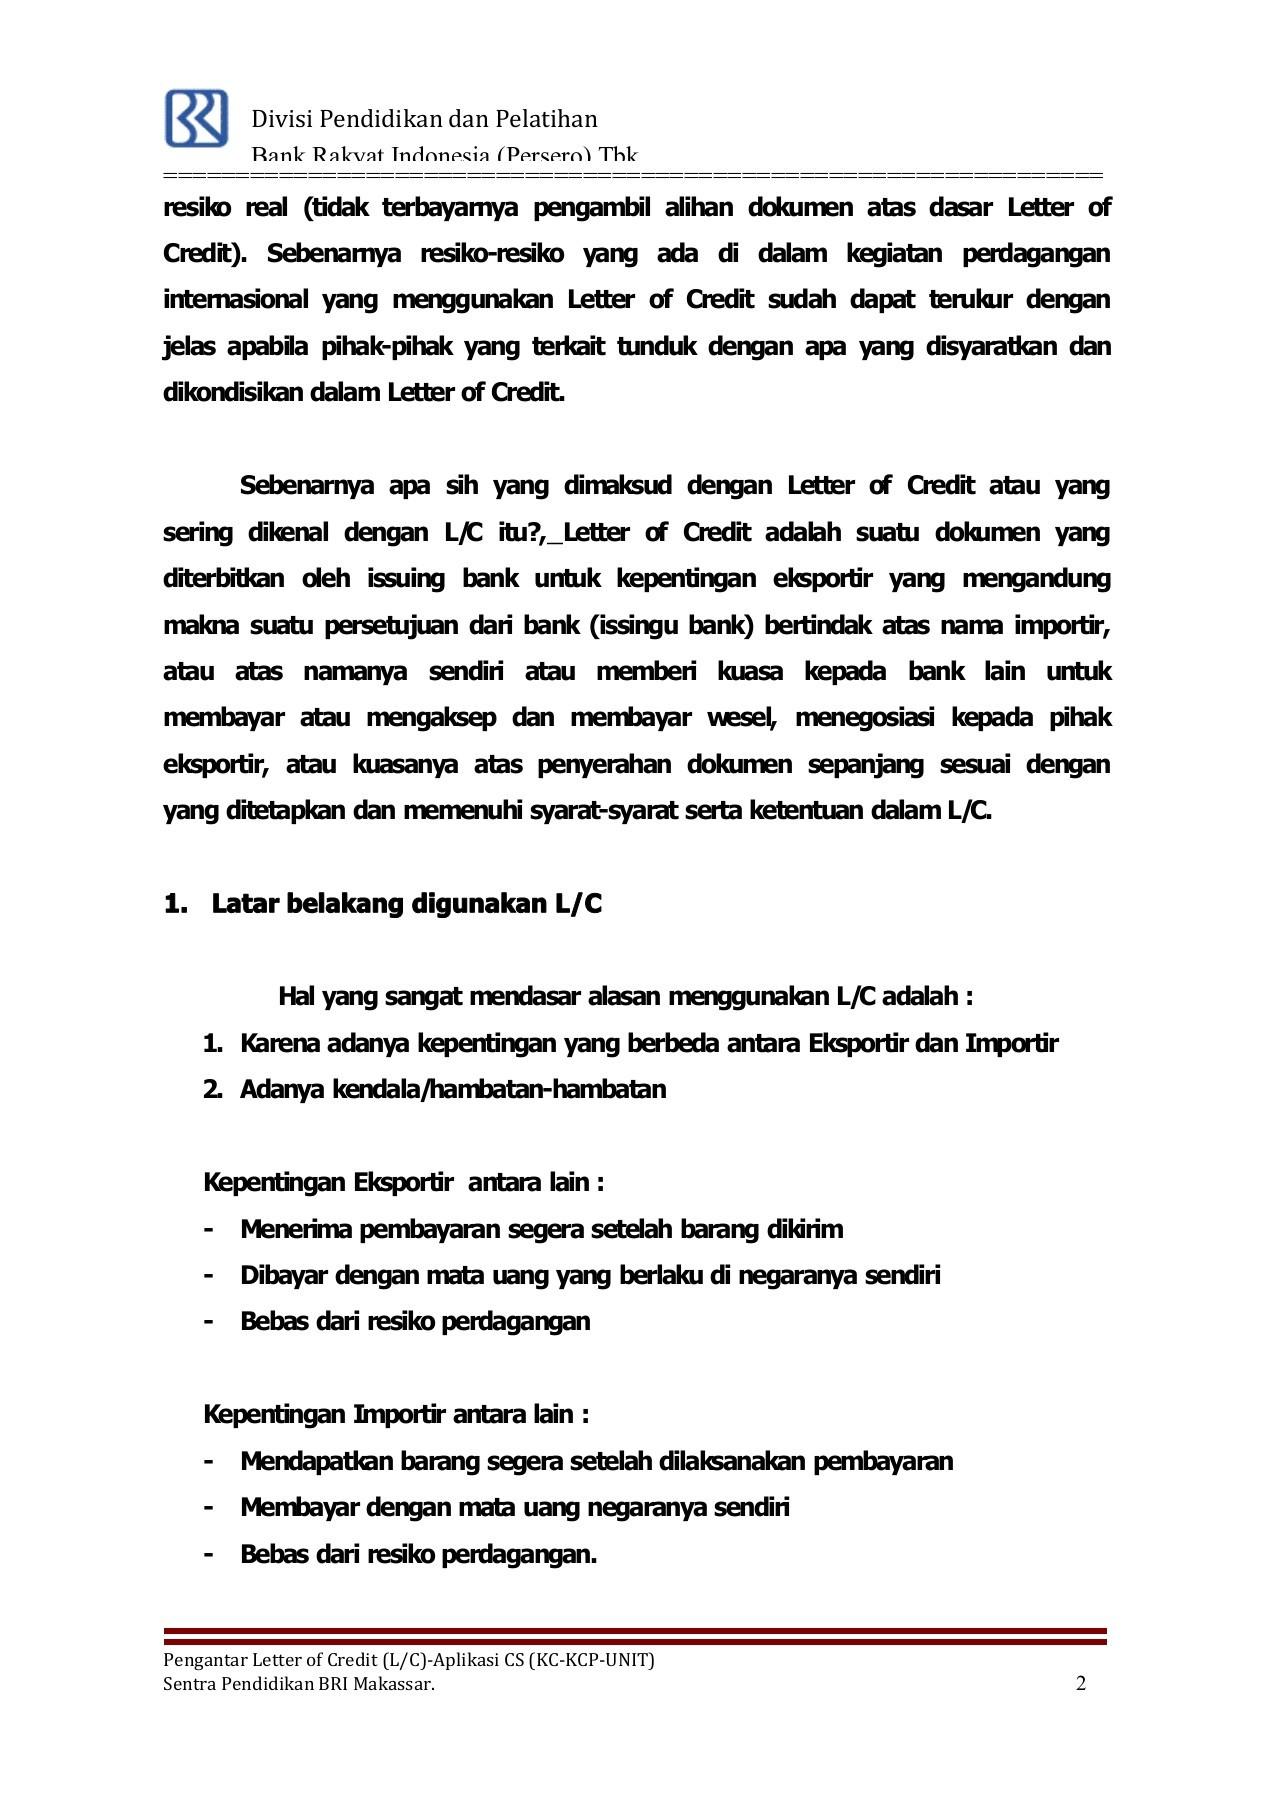 Contoh Letter Of Credit : contoh, letter, credit, ISI_PENGANTAR, LC-APLIKASI_CS_2014